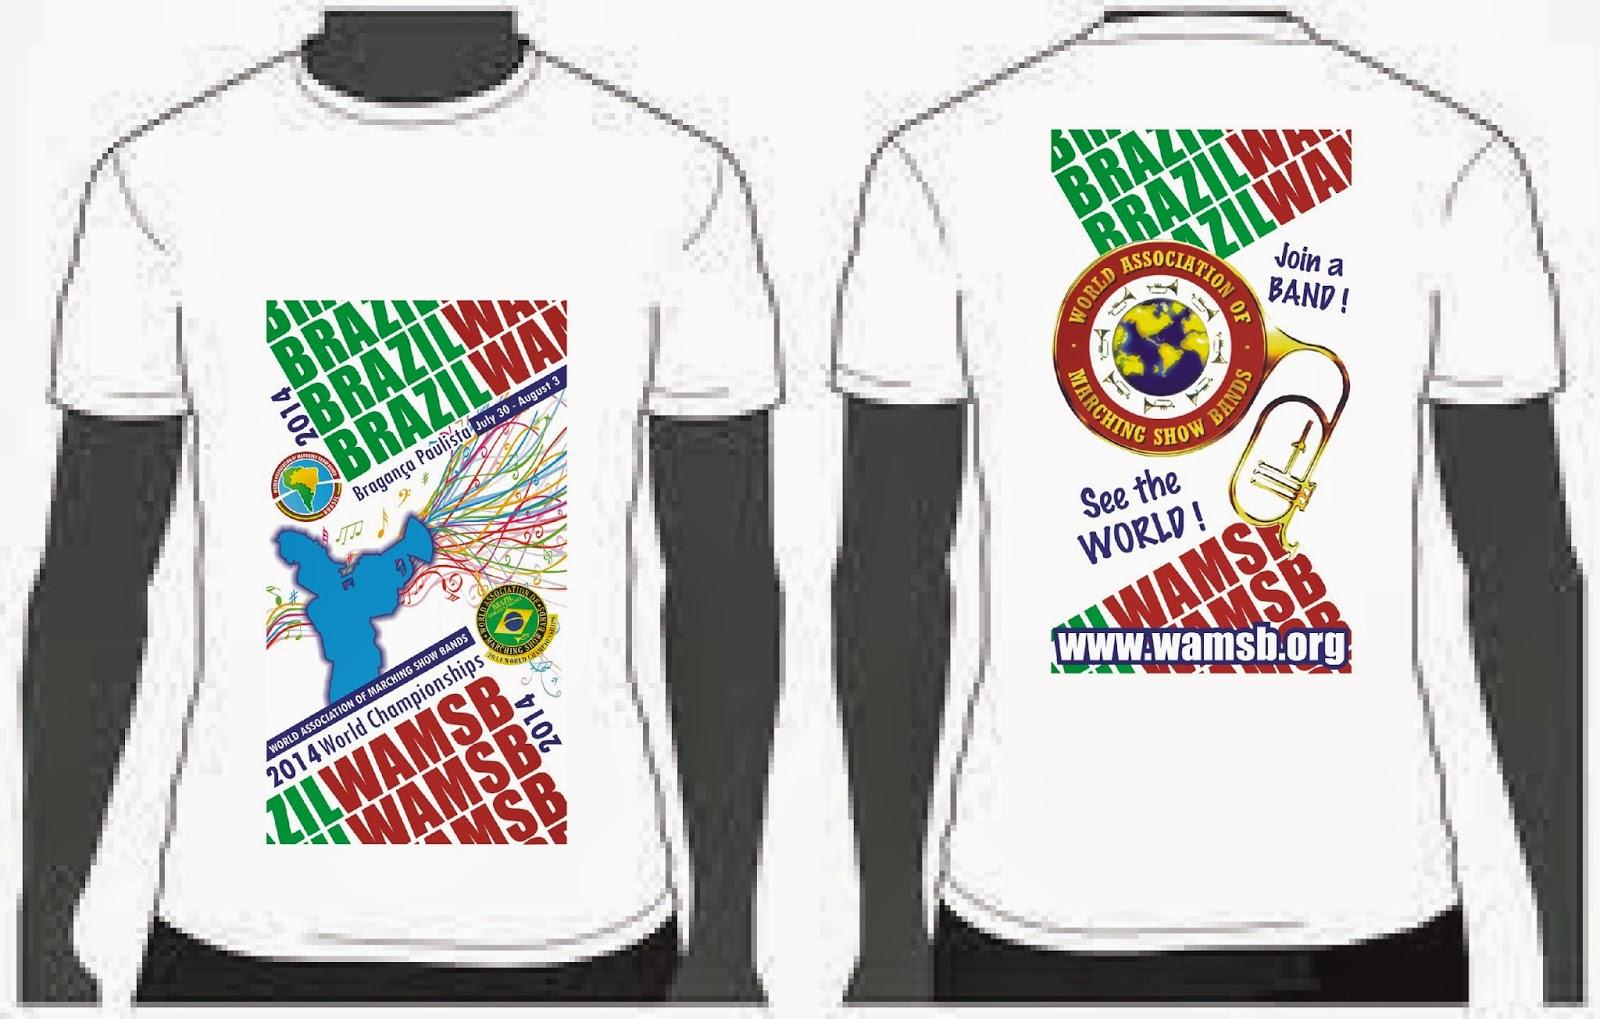 http://www.wamsb.org/store2_2014_brazil_tshirt.htm